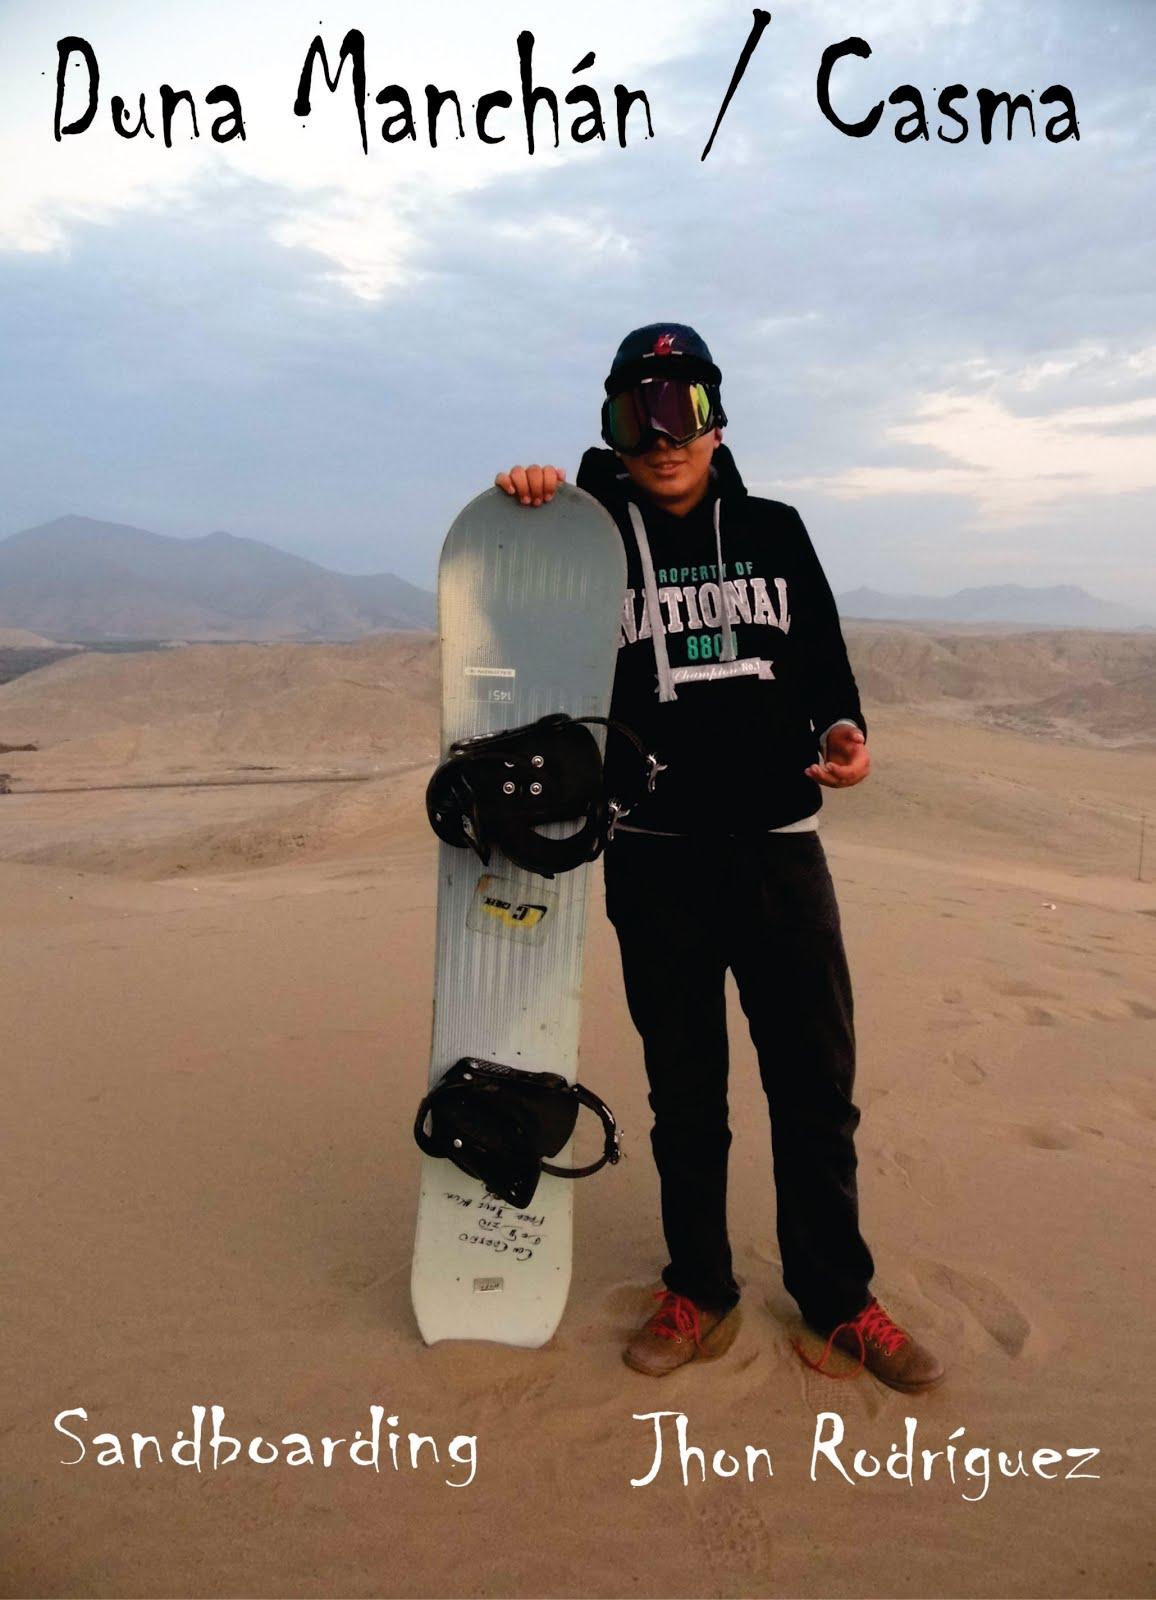 Sandboarding - Manchán